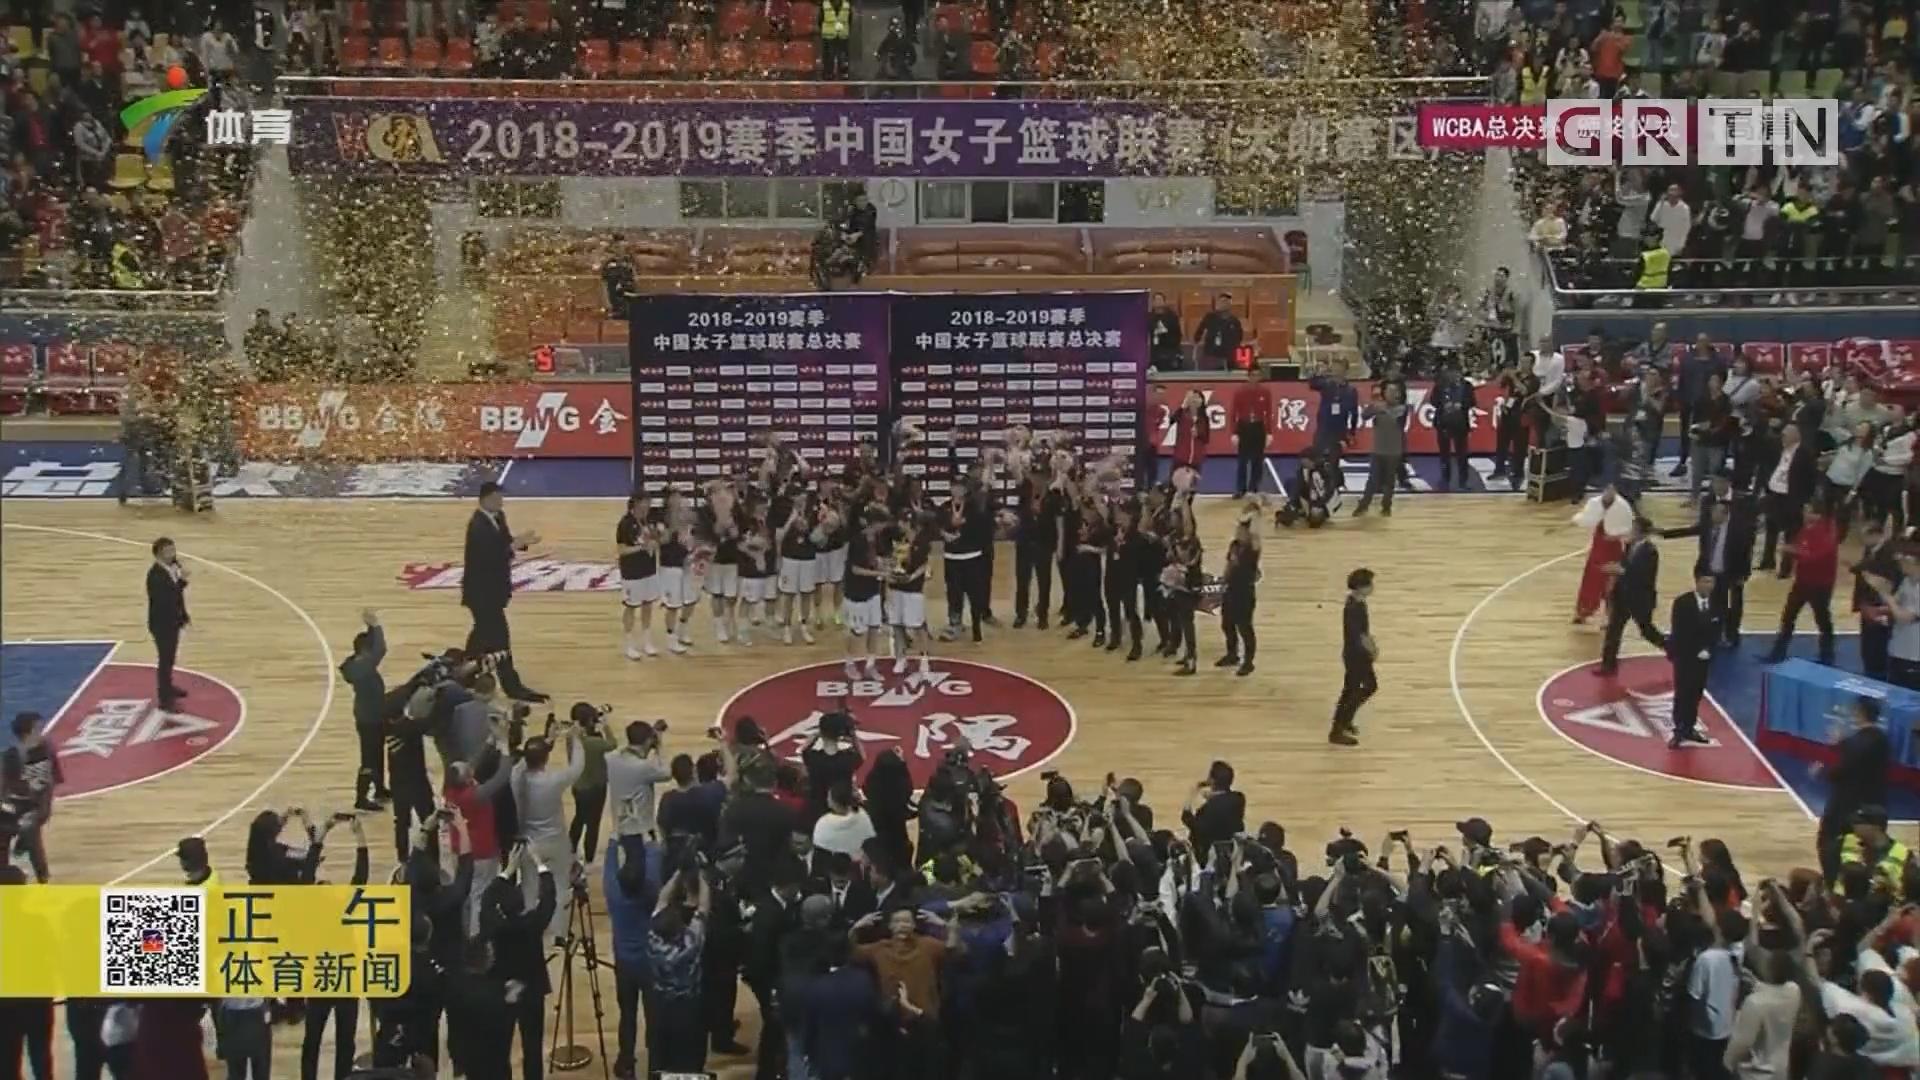 新王登基 广东女篮夺冠之路